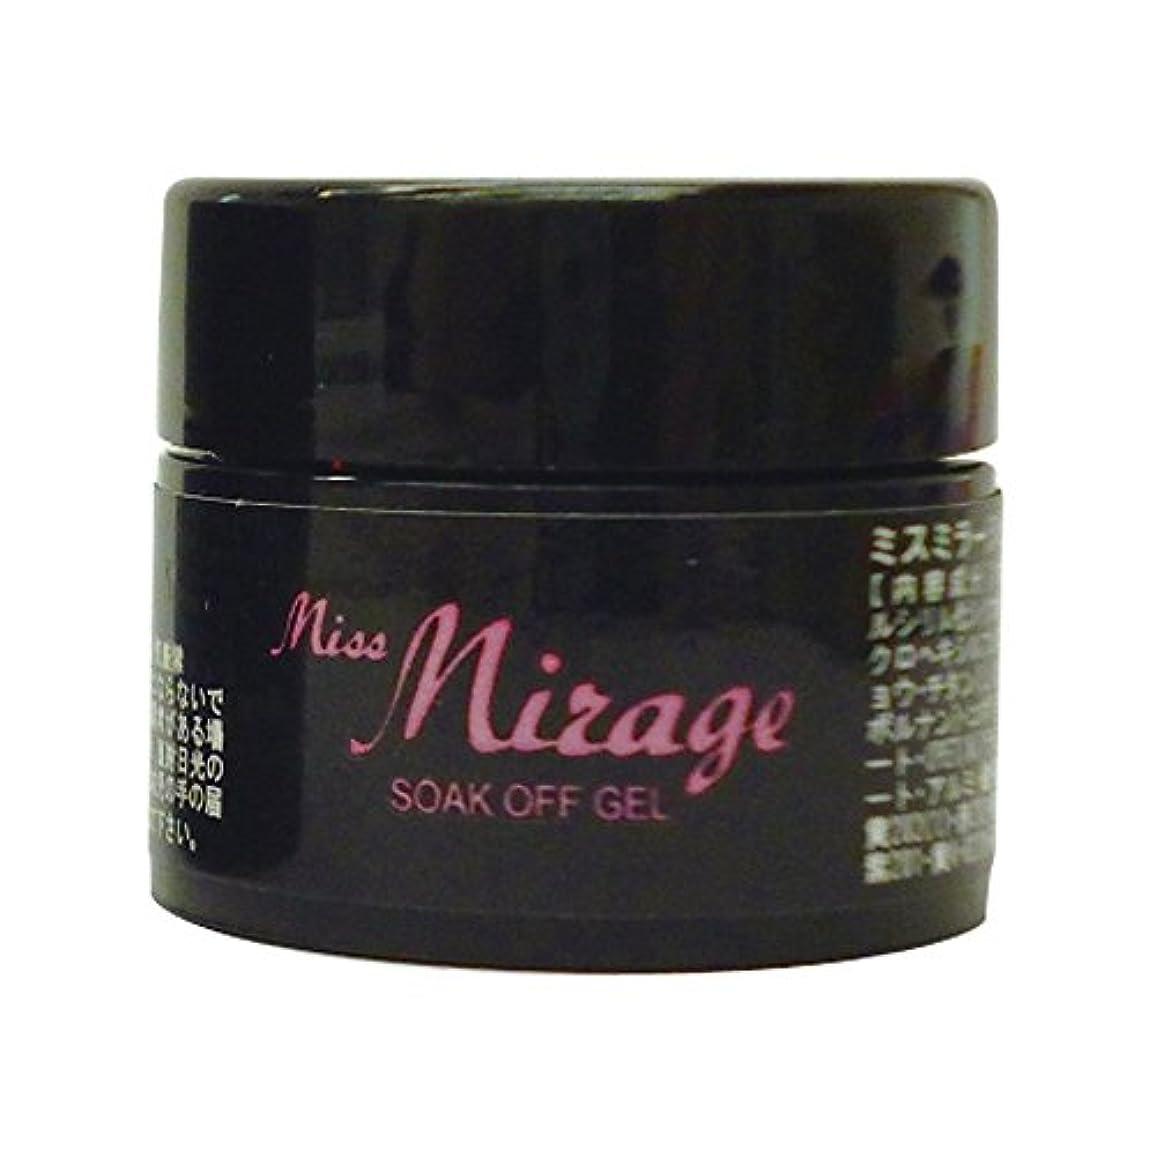 Miss Mirage ソークオフジェル TM32S 2.5g トゥルーリーパープル